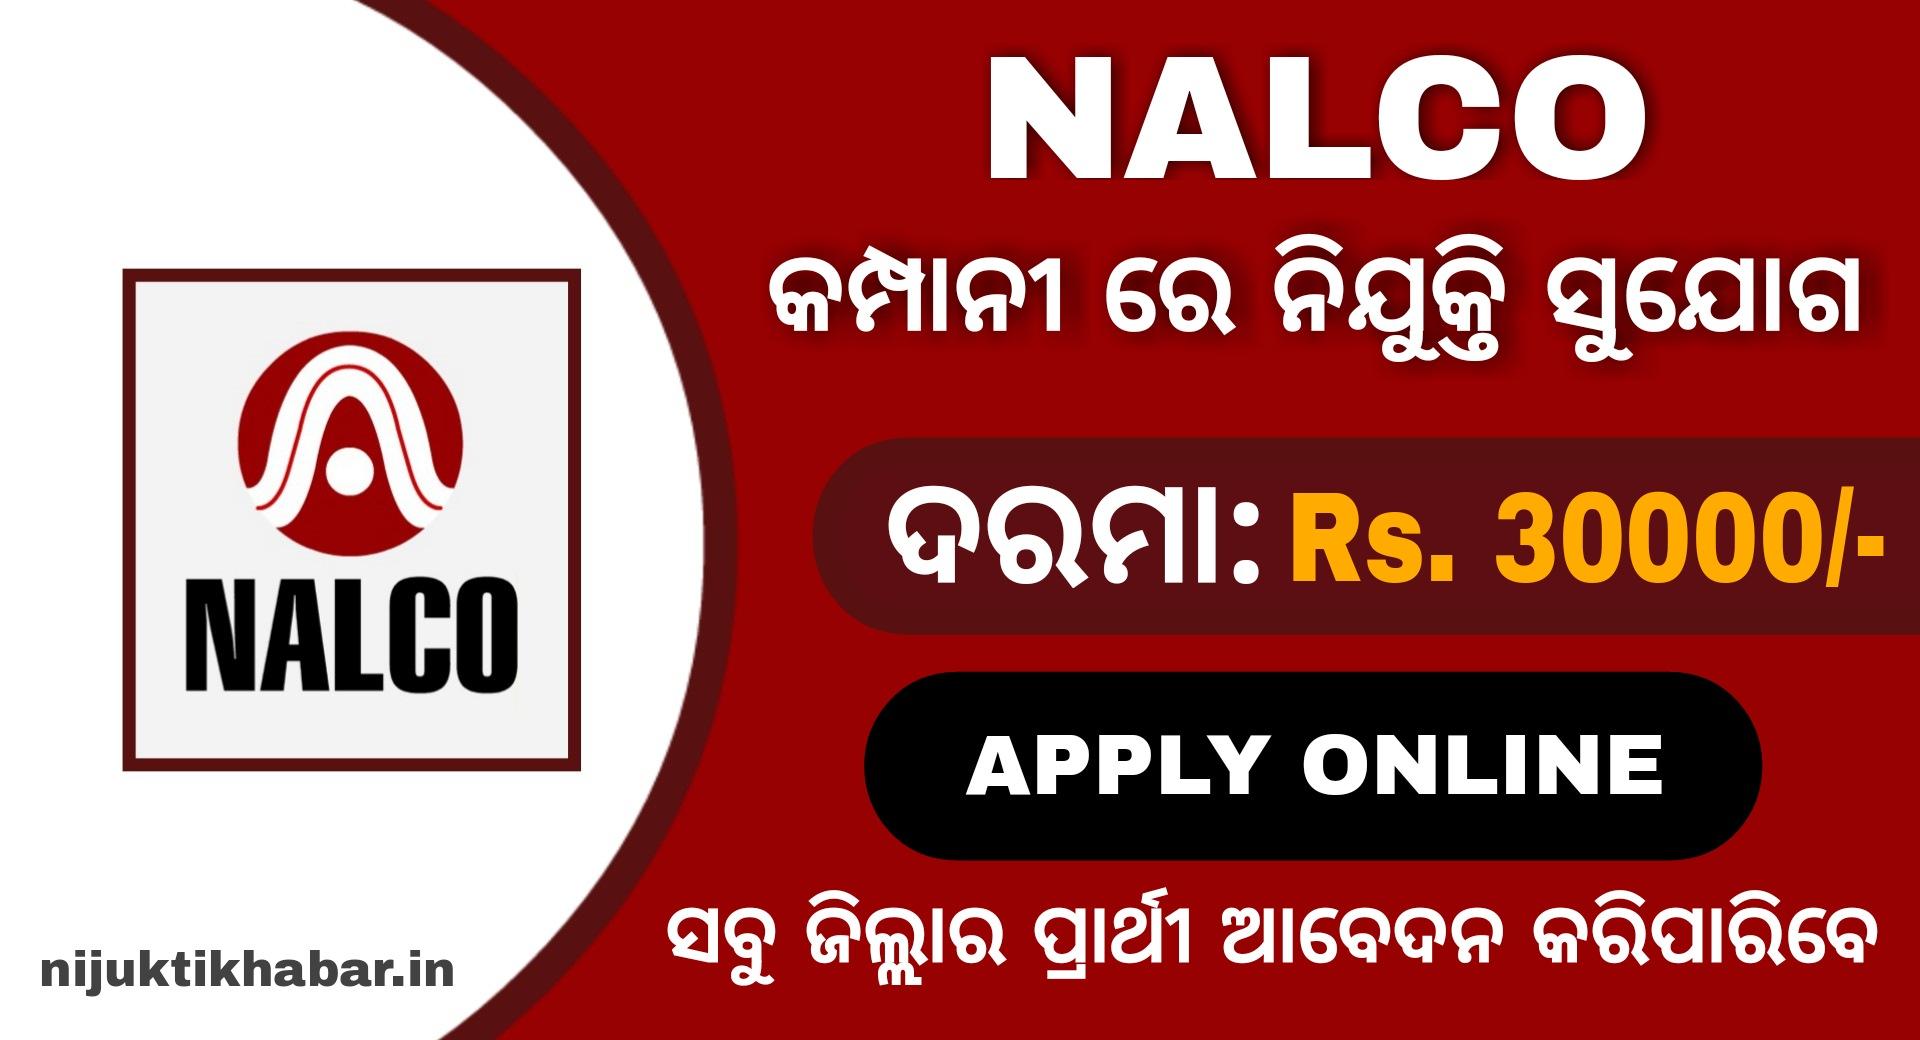 NALCO Recruitment 2021 – Jobs in Odisha